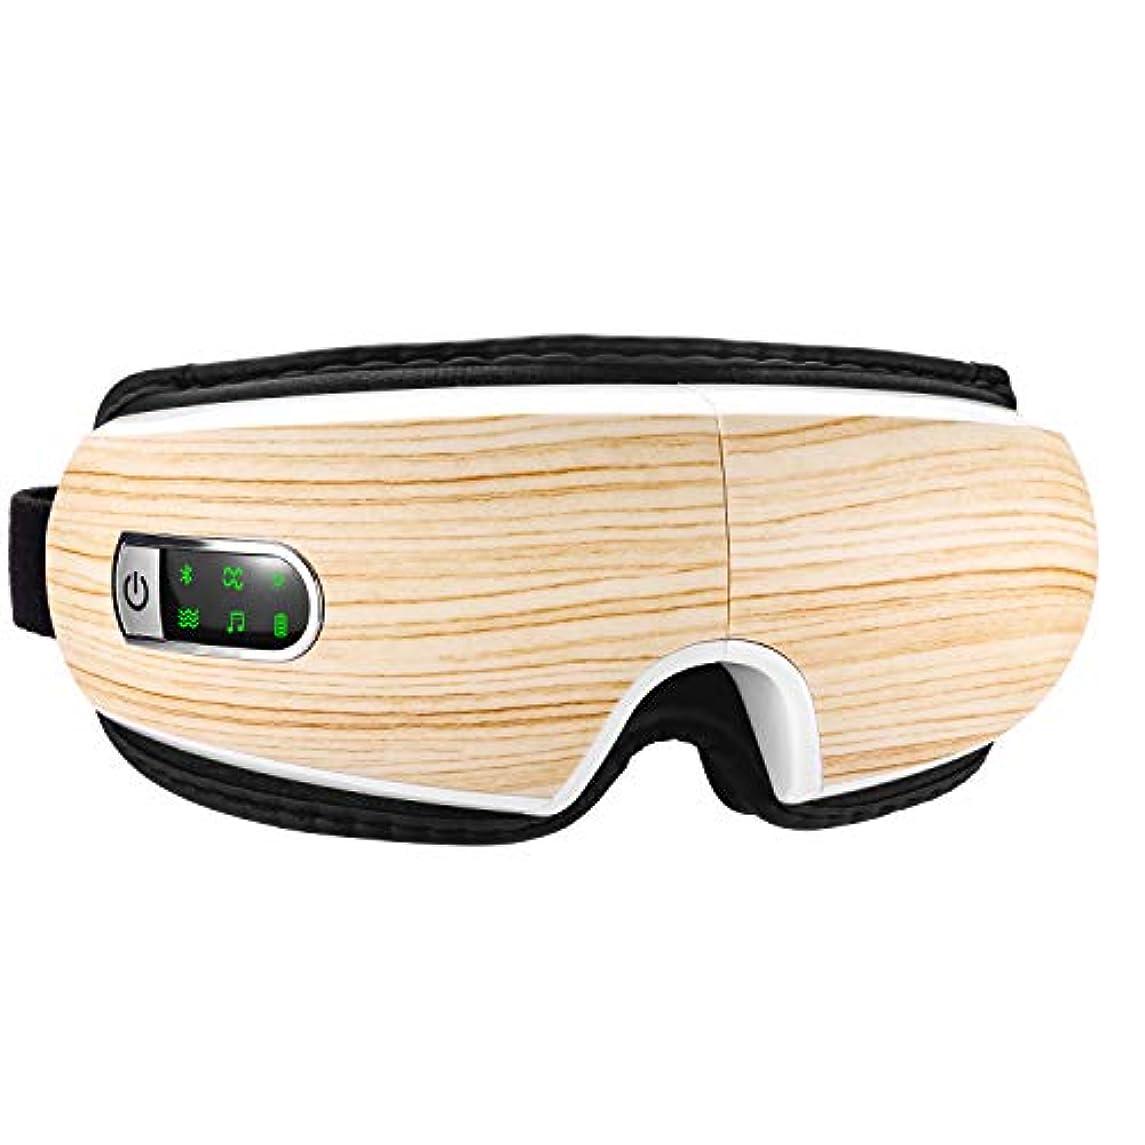 カナダ骨折売る目マッサージ器 目元エステ 目元美顔器 ホットアイマスク 快眠グッズ 振動機能 音楽機能 USB充電式 タイマー機能 アイマスク